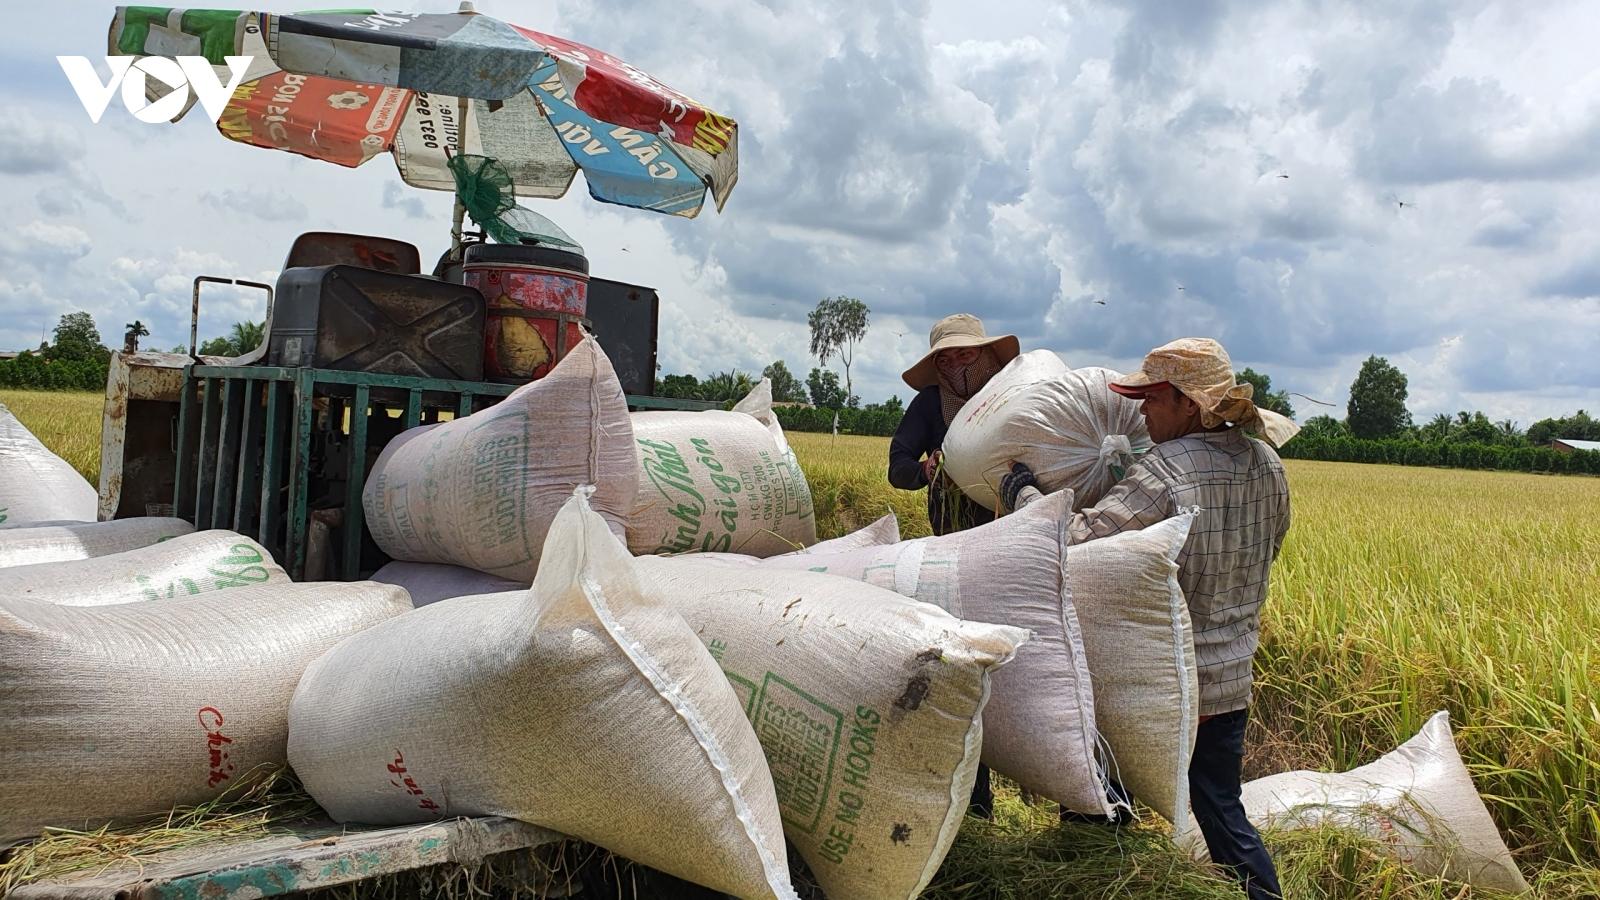 Né được hạn mặn, người dân ĐBSCL thắng lợi lớn trong vụ lúaĐông Xuân